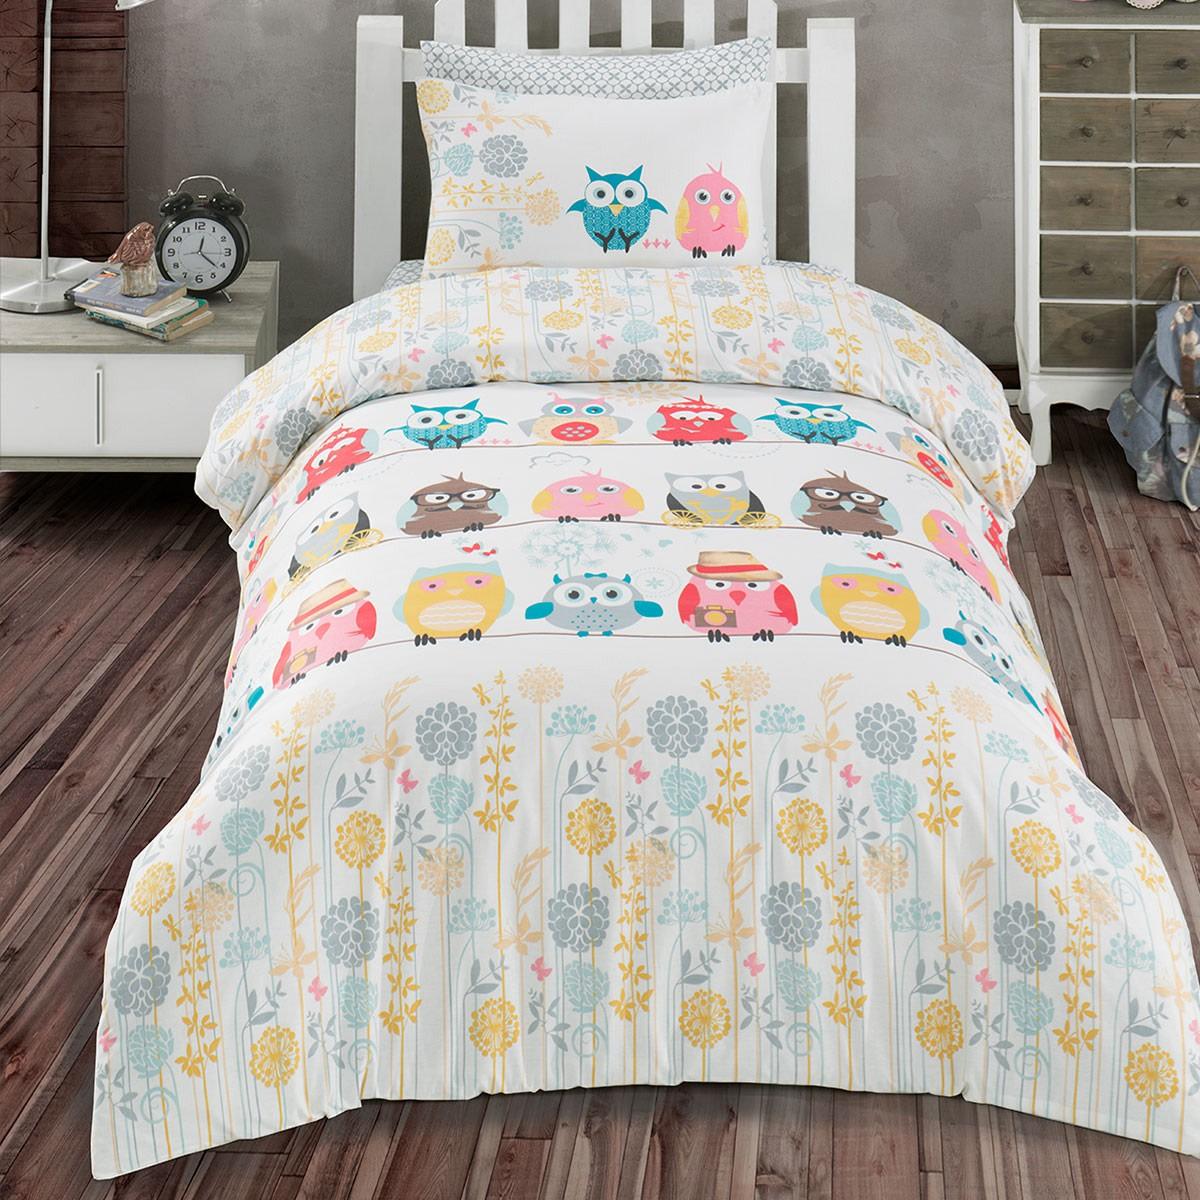 Комплект Постельного Белья Owl Полутораспальный Перкаль